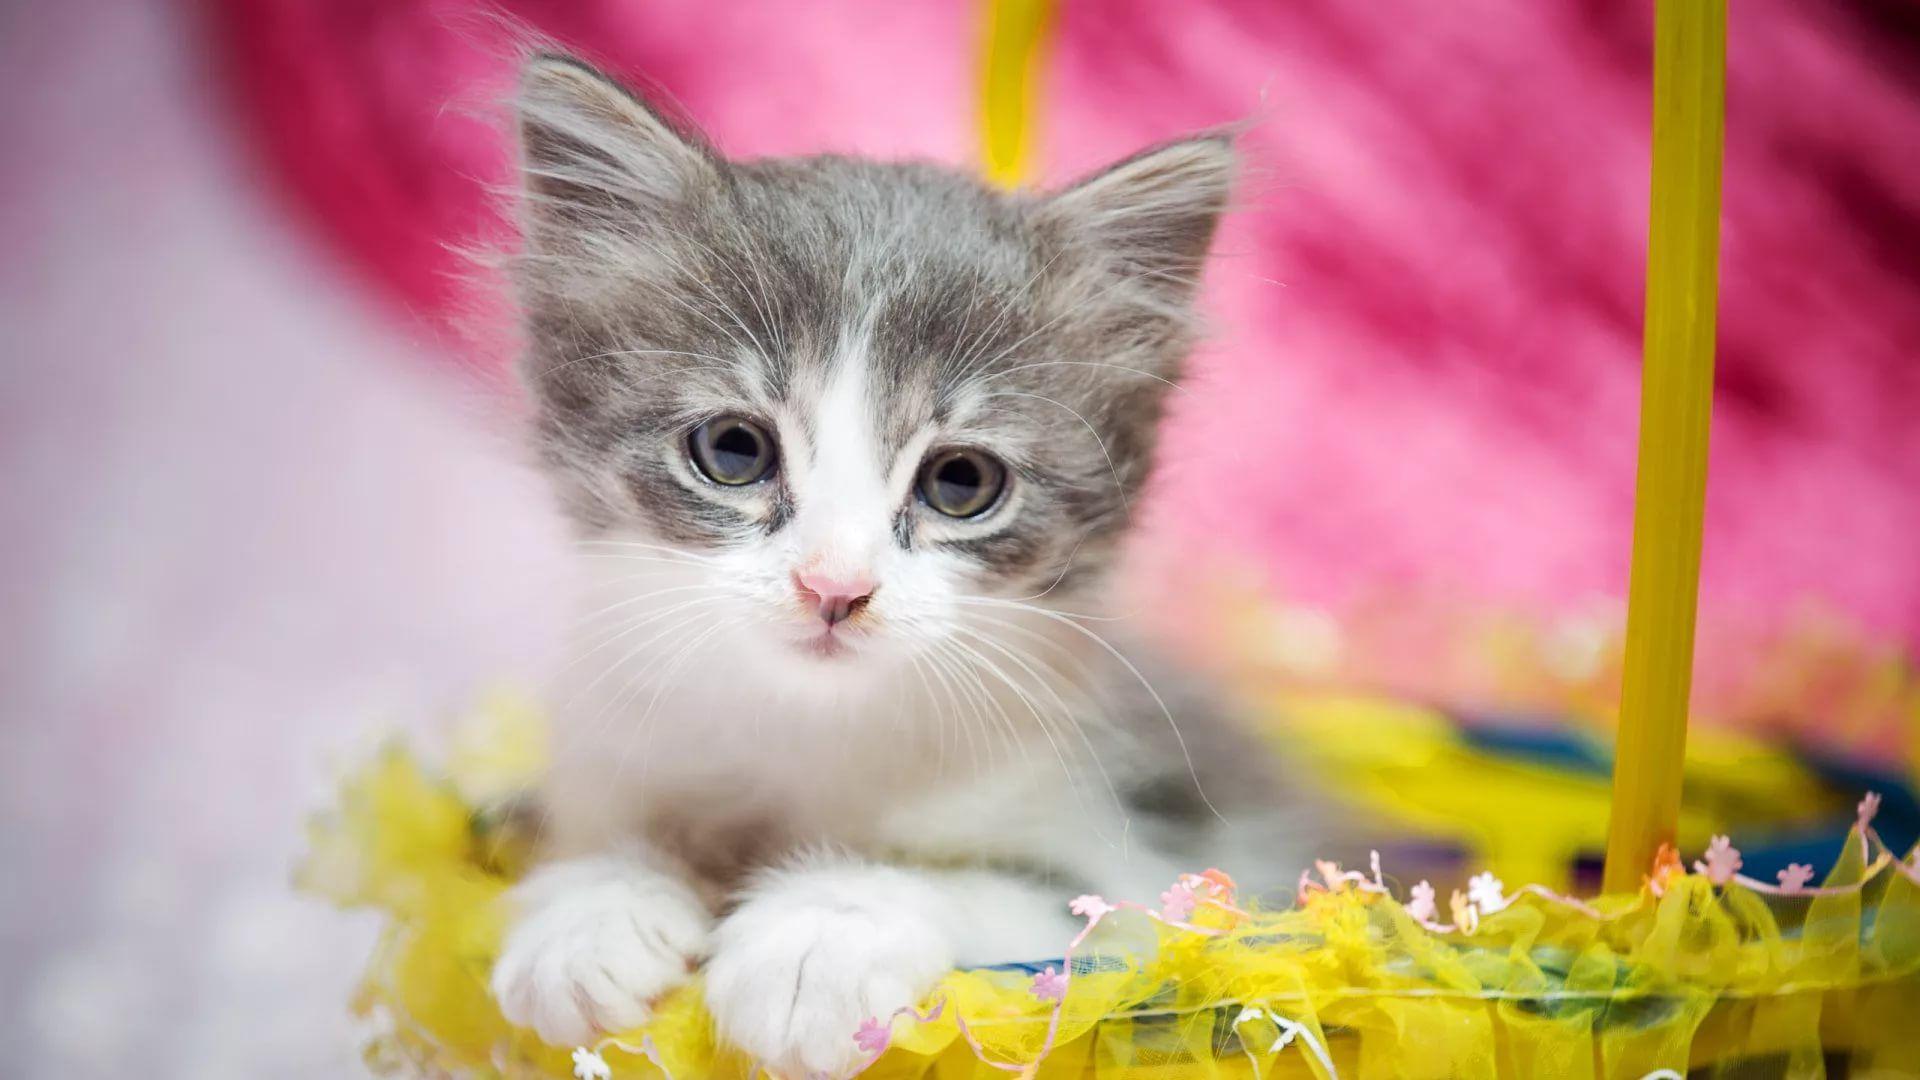 Lovely Cat vertical wallpaper hd